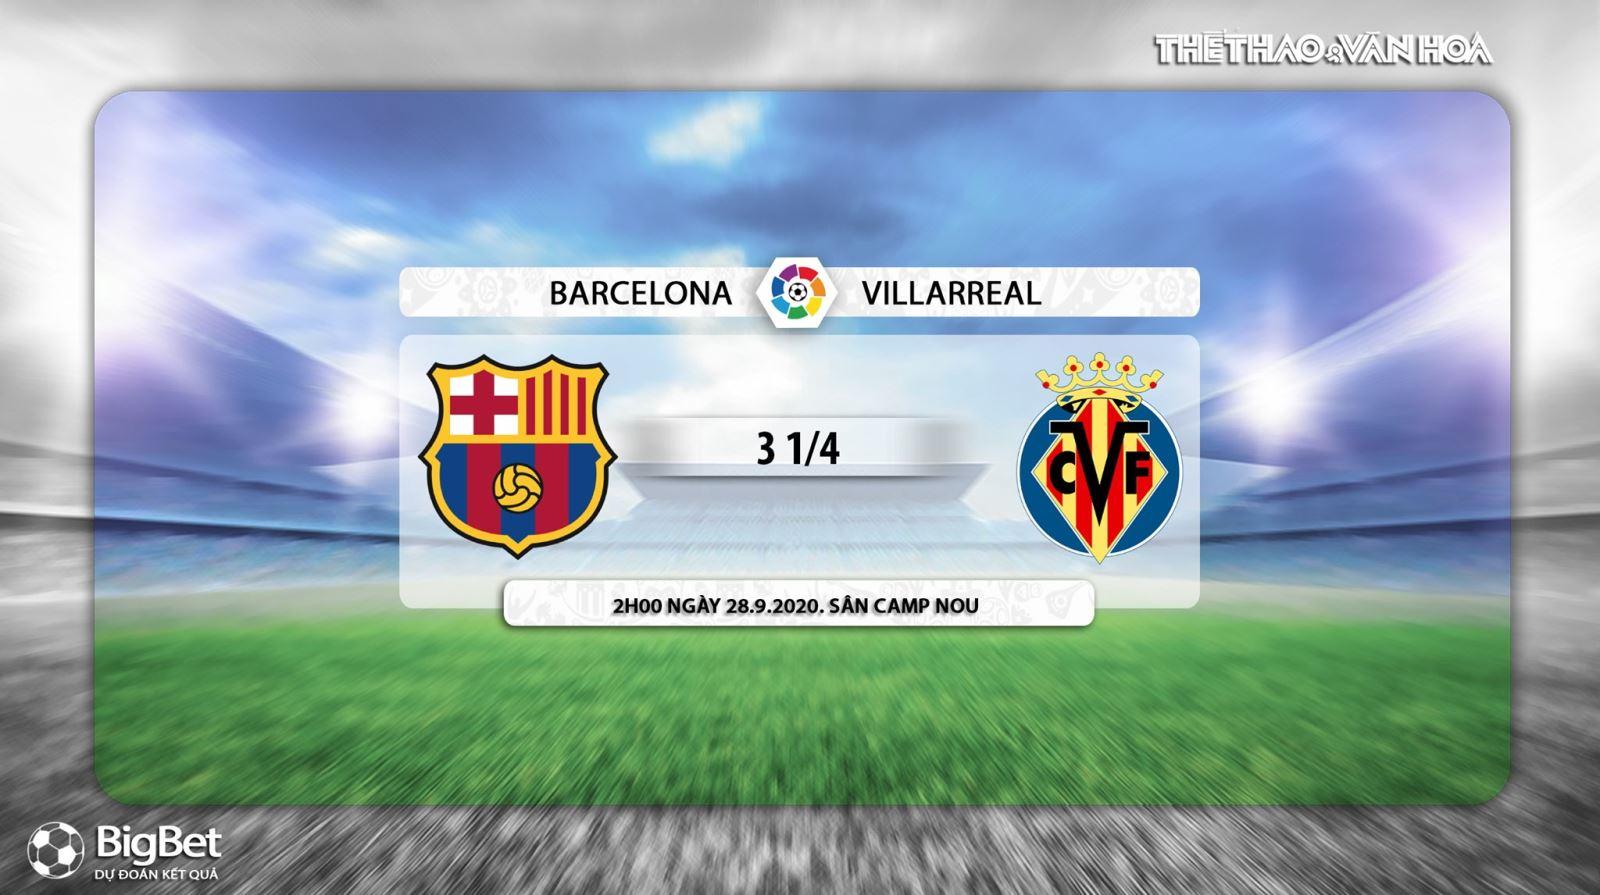 Barcelona vs Villarreal, Barcelona, Villarreal, so kèo Barcelona vs Villarreal, dự đoán Barcelona vs Villarreal, nhận định Barcelona vs Villarreal